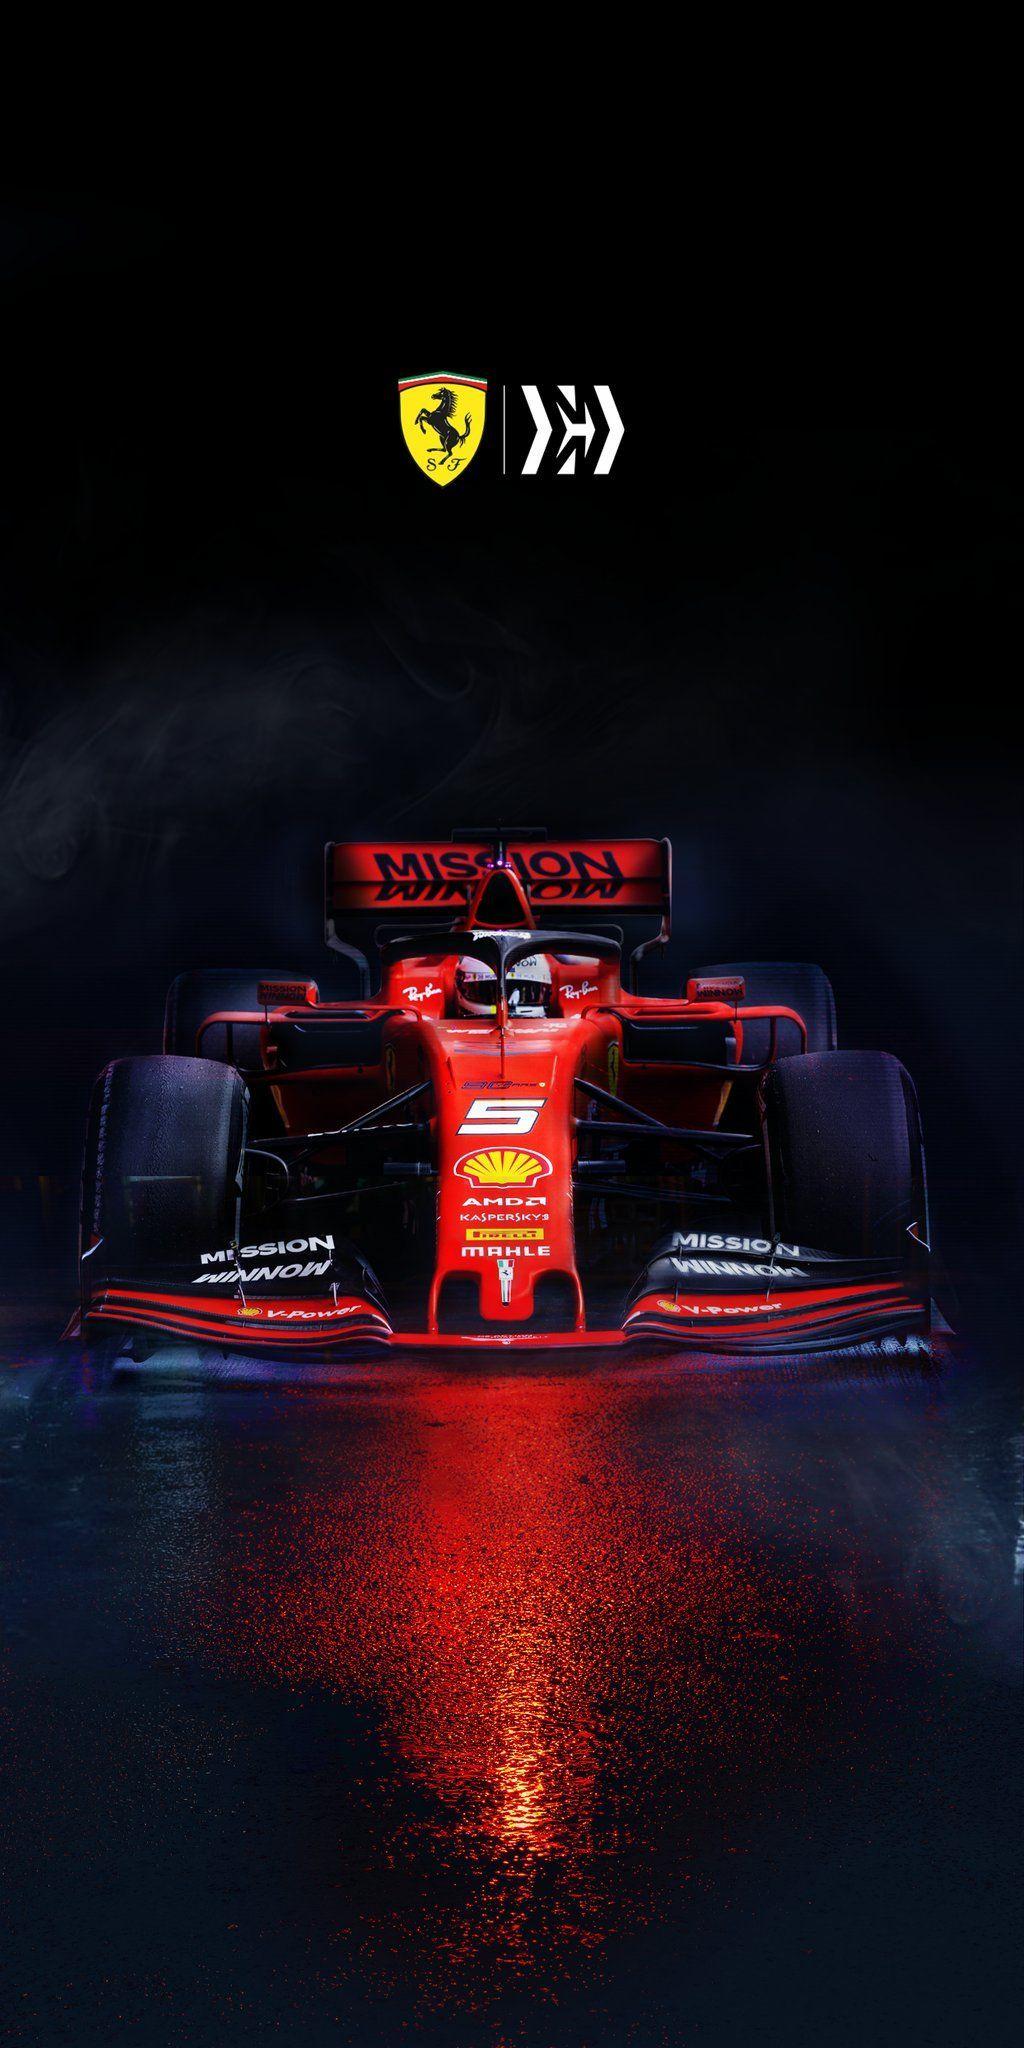 Mercedes F1 Wallpaper 2019 Mercedes F1 In 2020 Formula 1 Car Formula Racing Ferrari